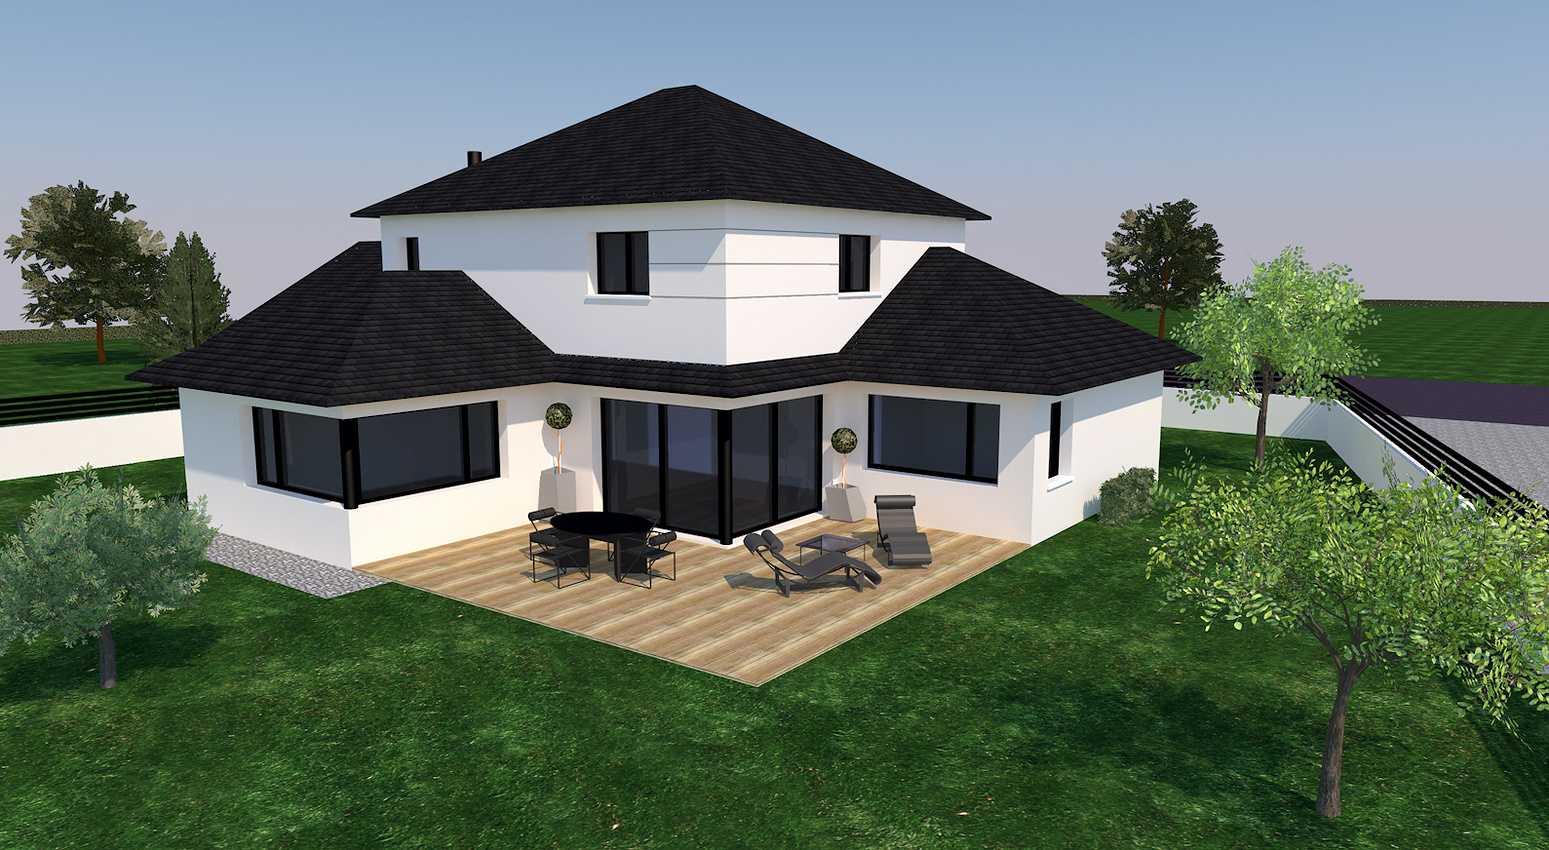 Avant projet d''une habitation de style traditionnel - Coetmieux 0